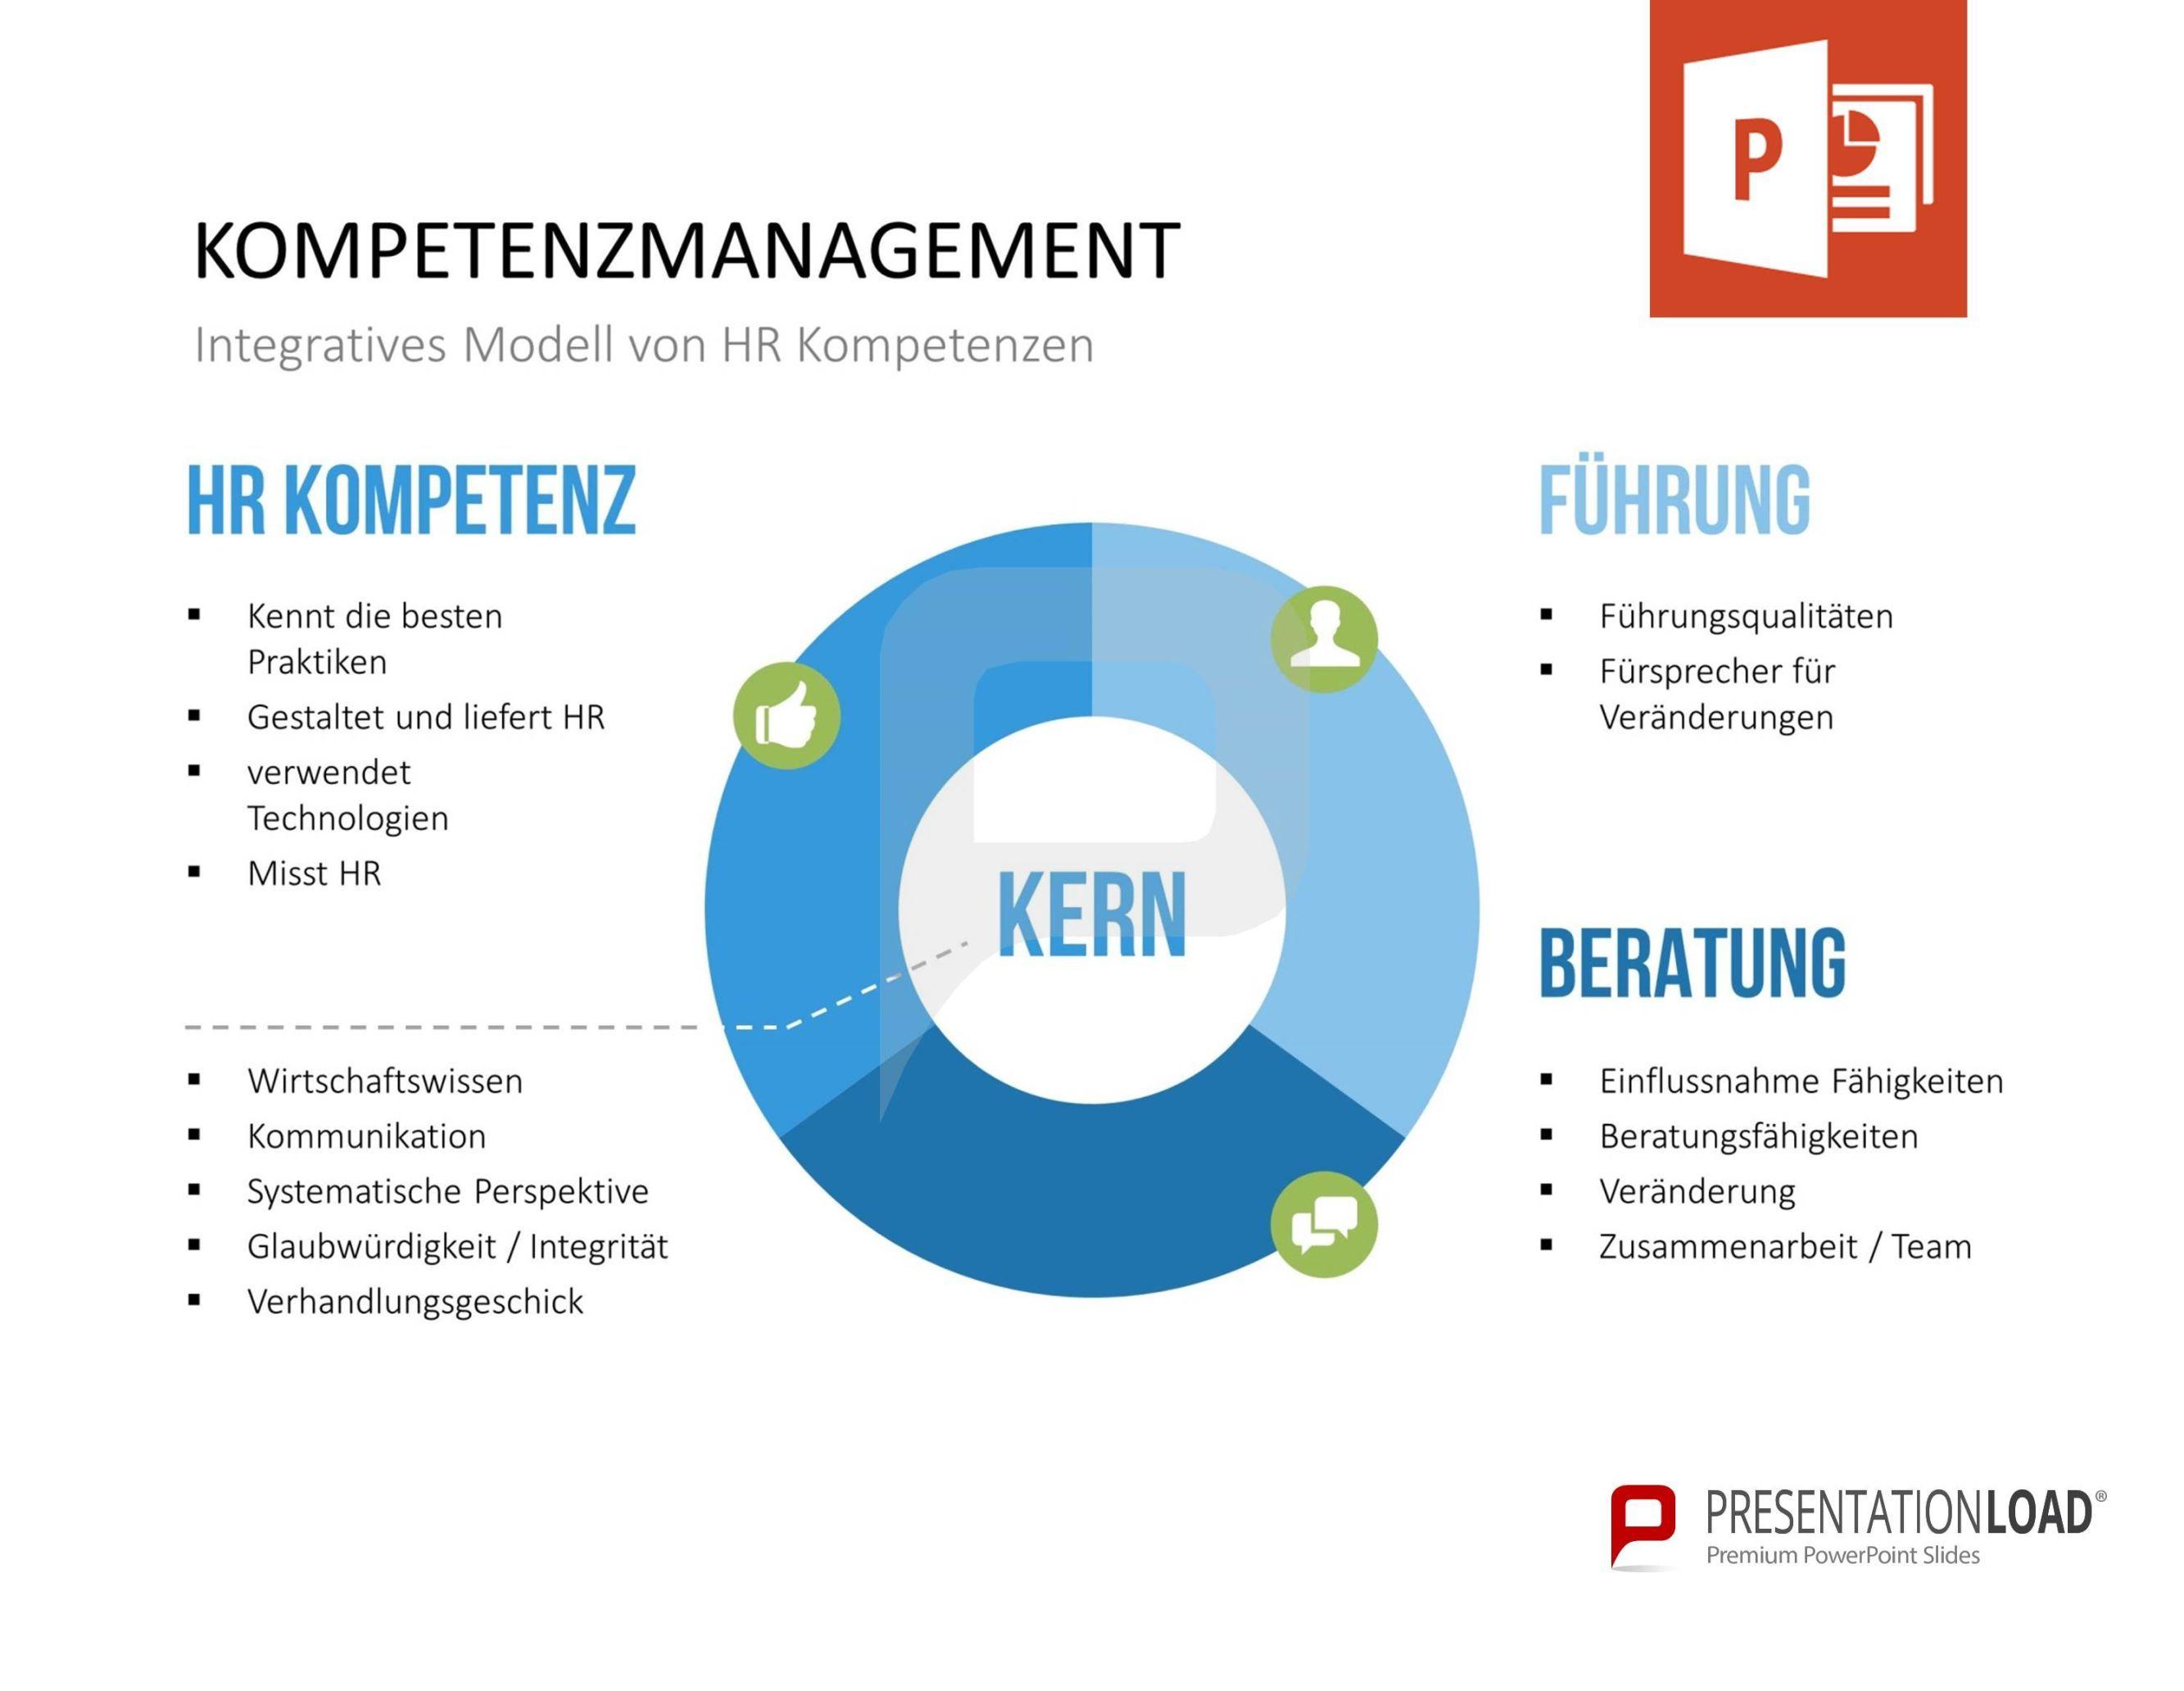 Kompetenzmanagement – Integratives Modell von HR Kompetenzen ...